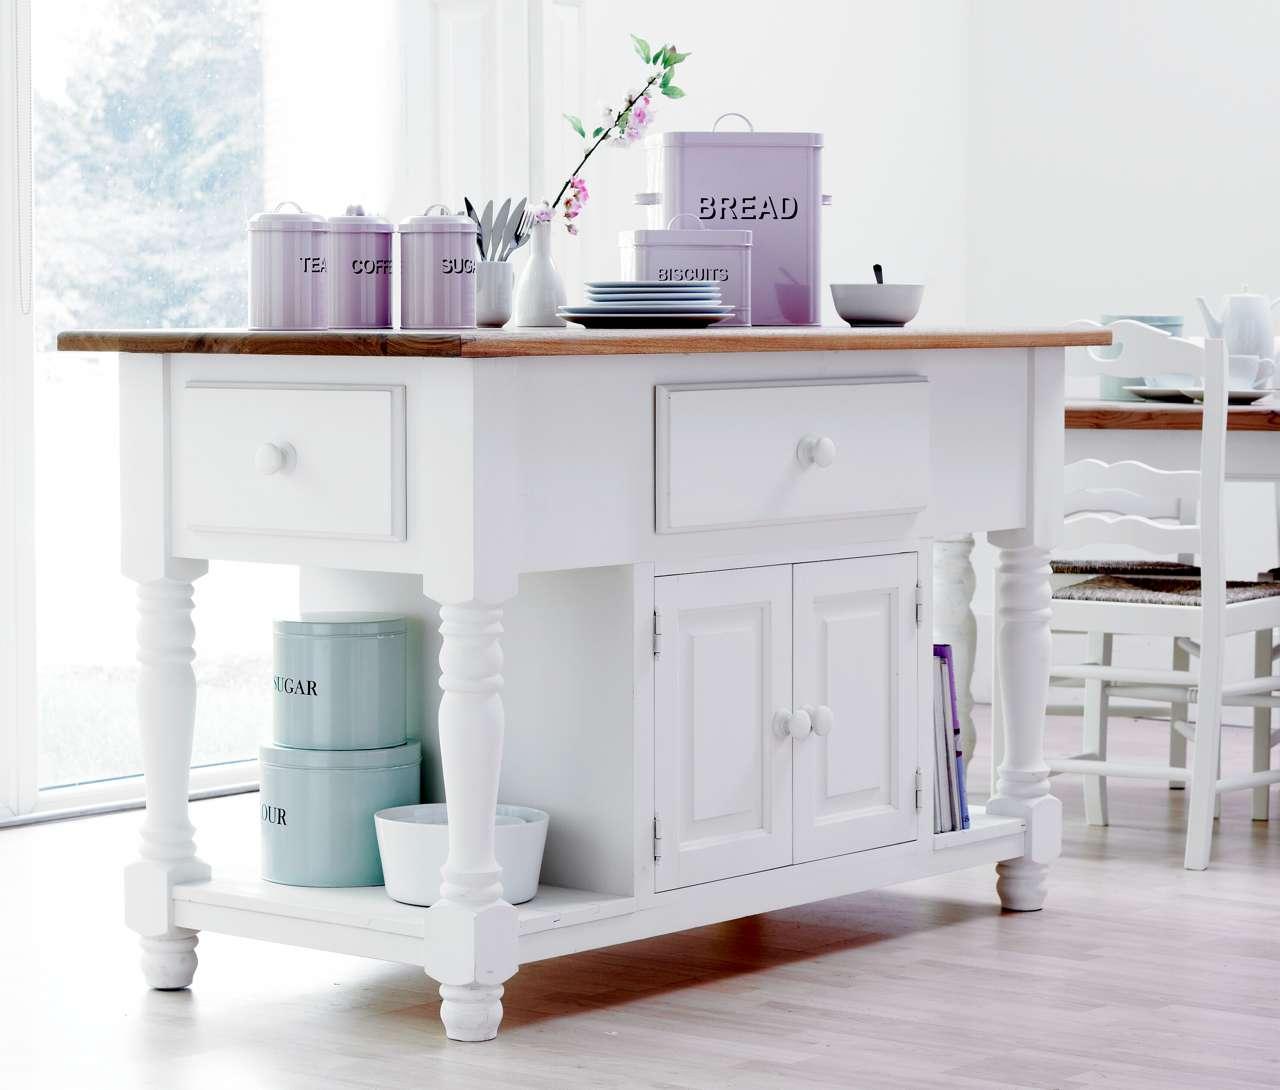 22 Kücheninsel Mit Tisch Modelle: Praktisch Und Schön: Landhaus Kücheninsel Evir